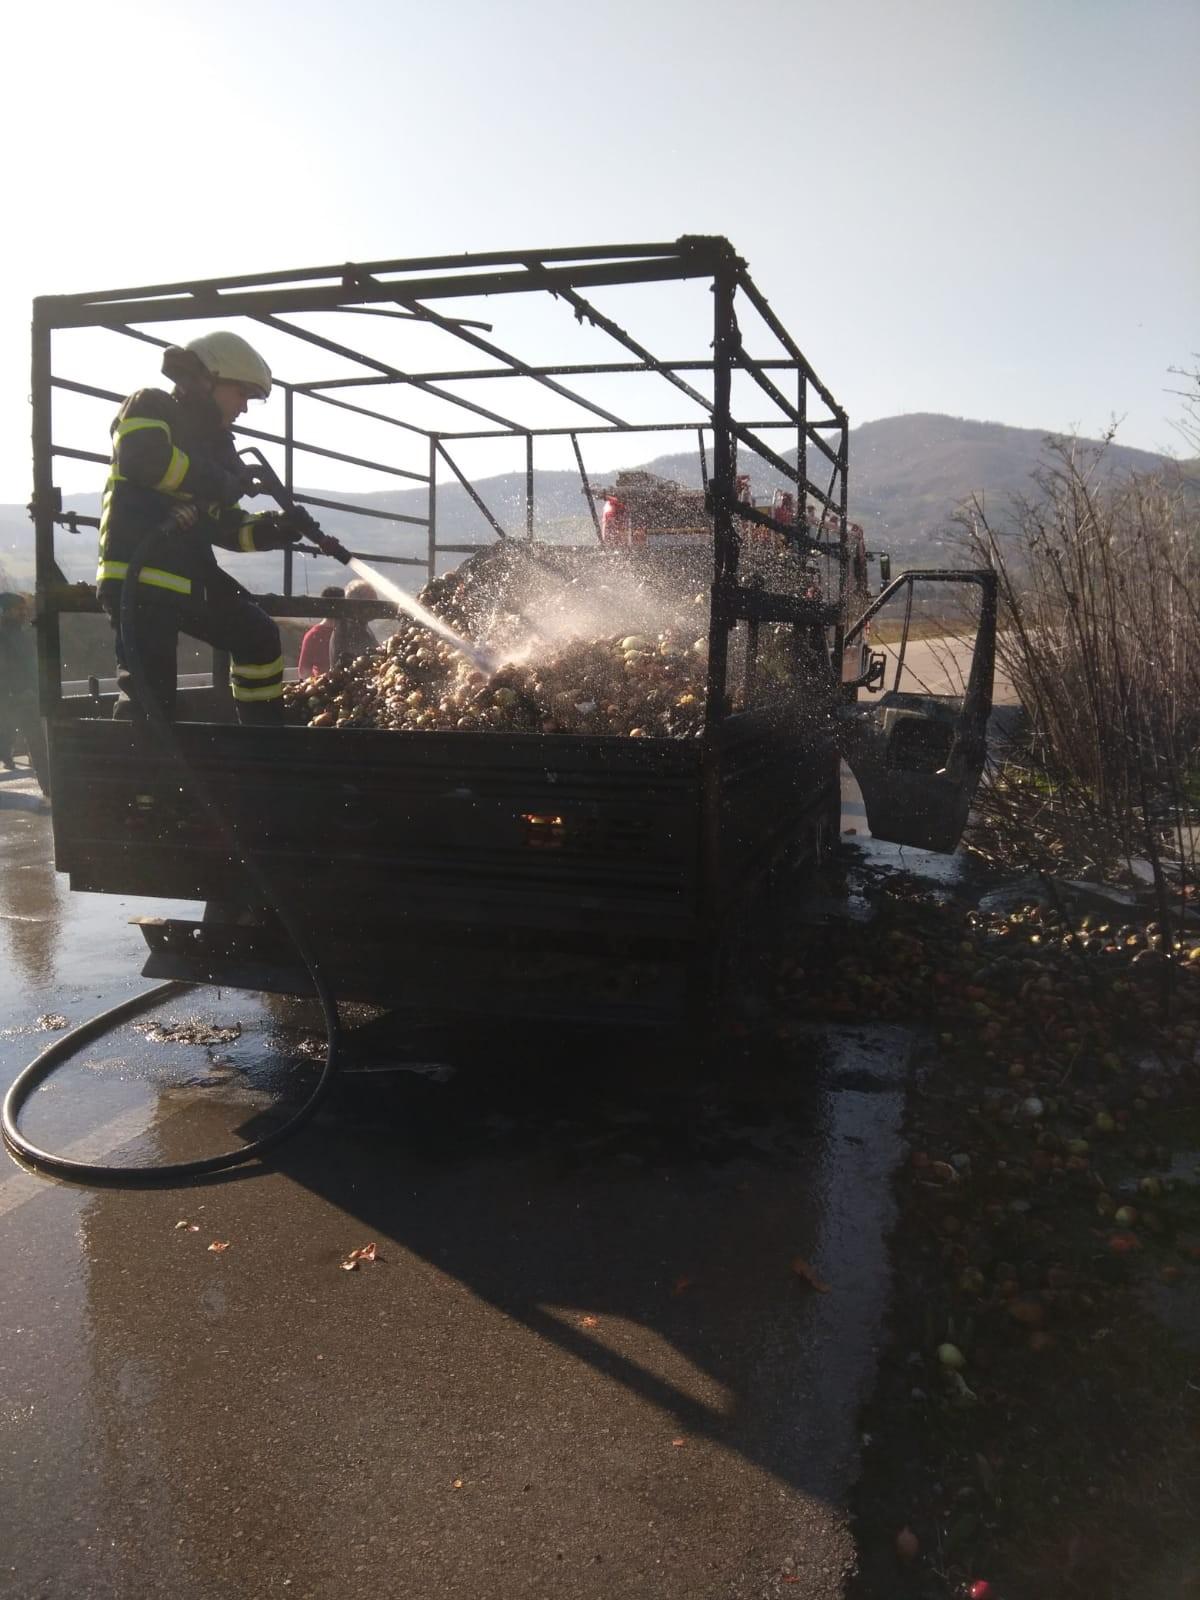 Sebze ve meyve yüklü kamyonet seyir halindeyken yandı alev aldı